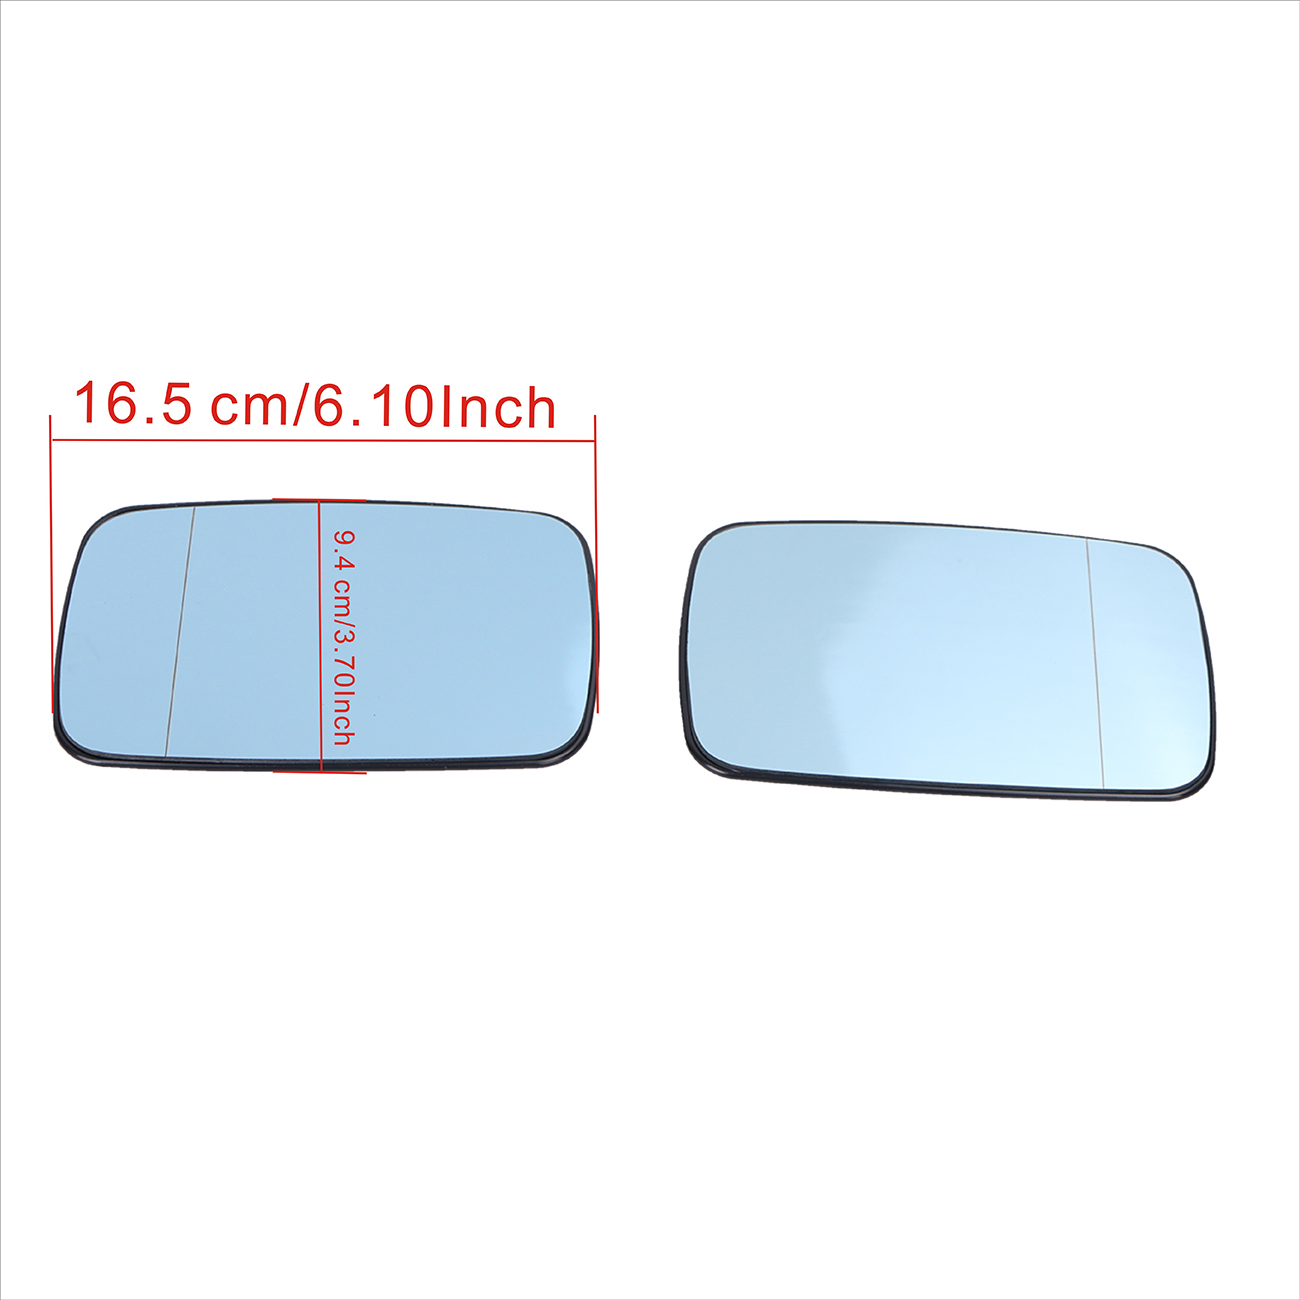 2x voiture bleu chauffage aile couleur claire grand Angle vue rétroviseur lentille verre pour BMW E39 E46 323i 328i 525i 528i 540i # #